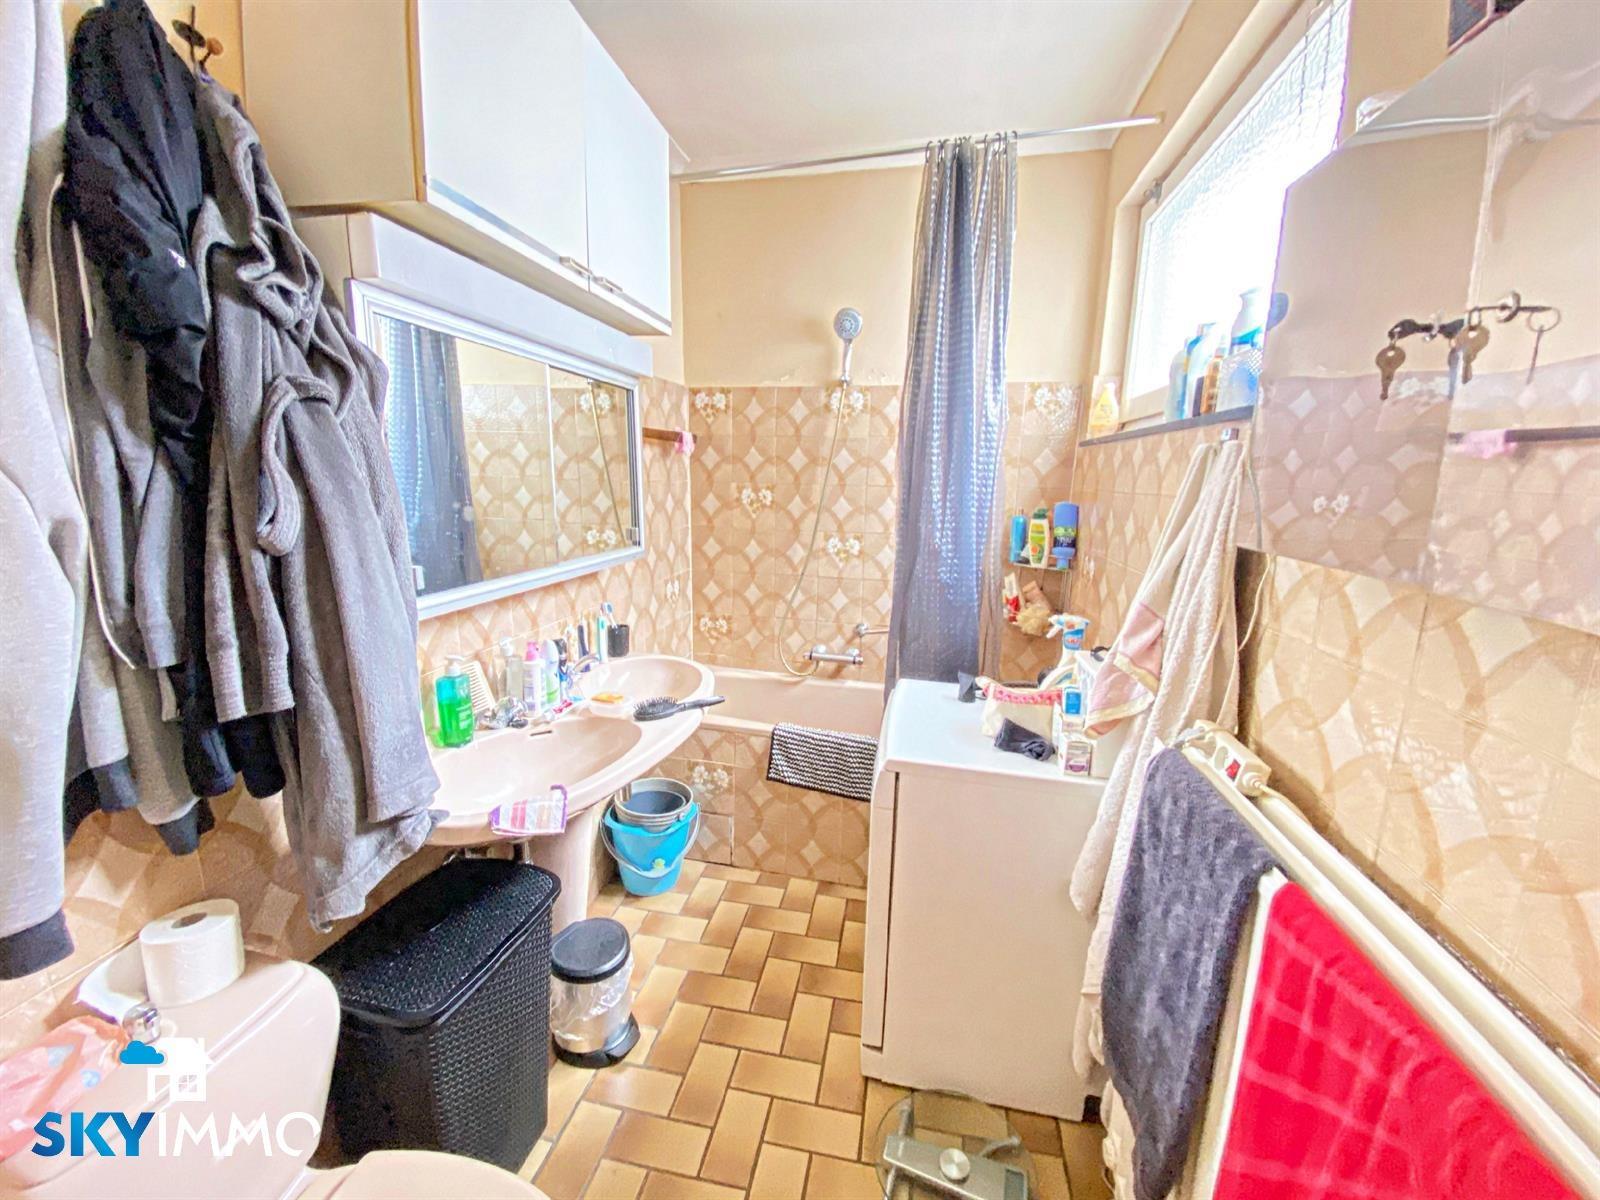 Maison - Seraing - #4325929-12